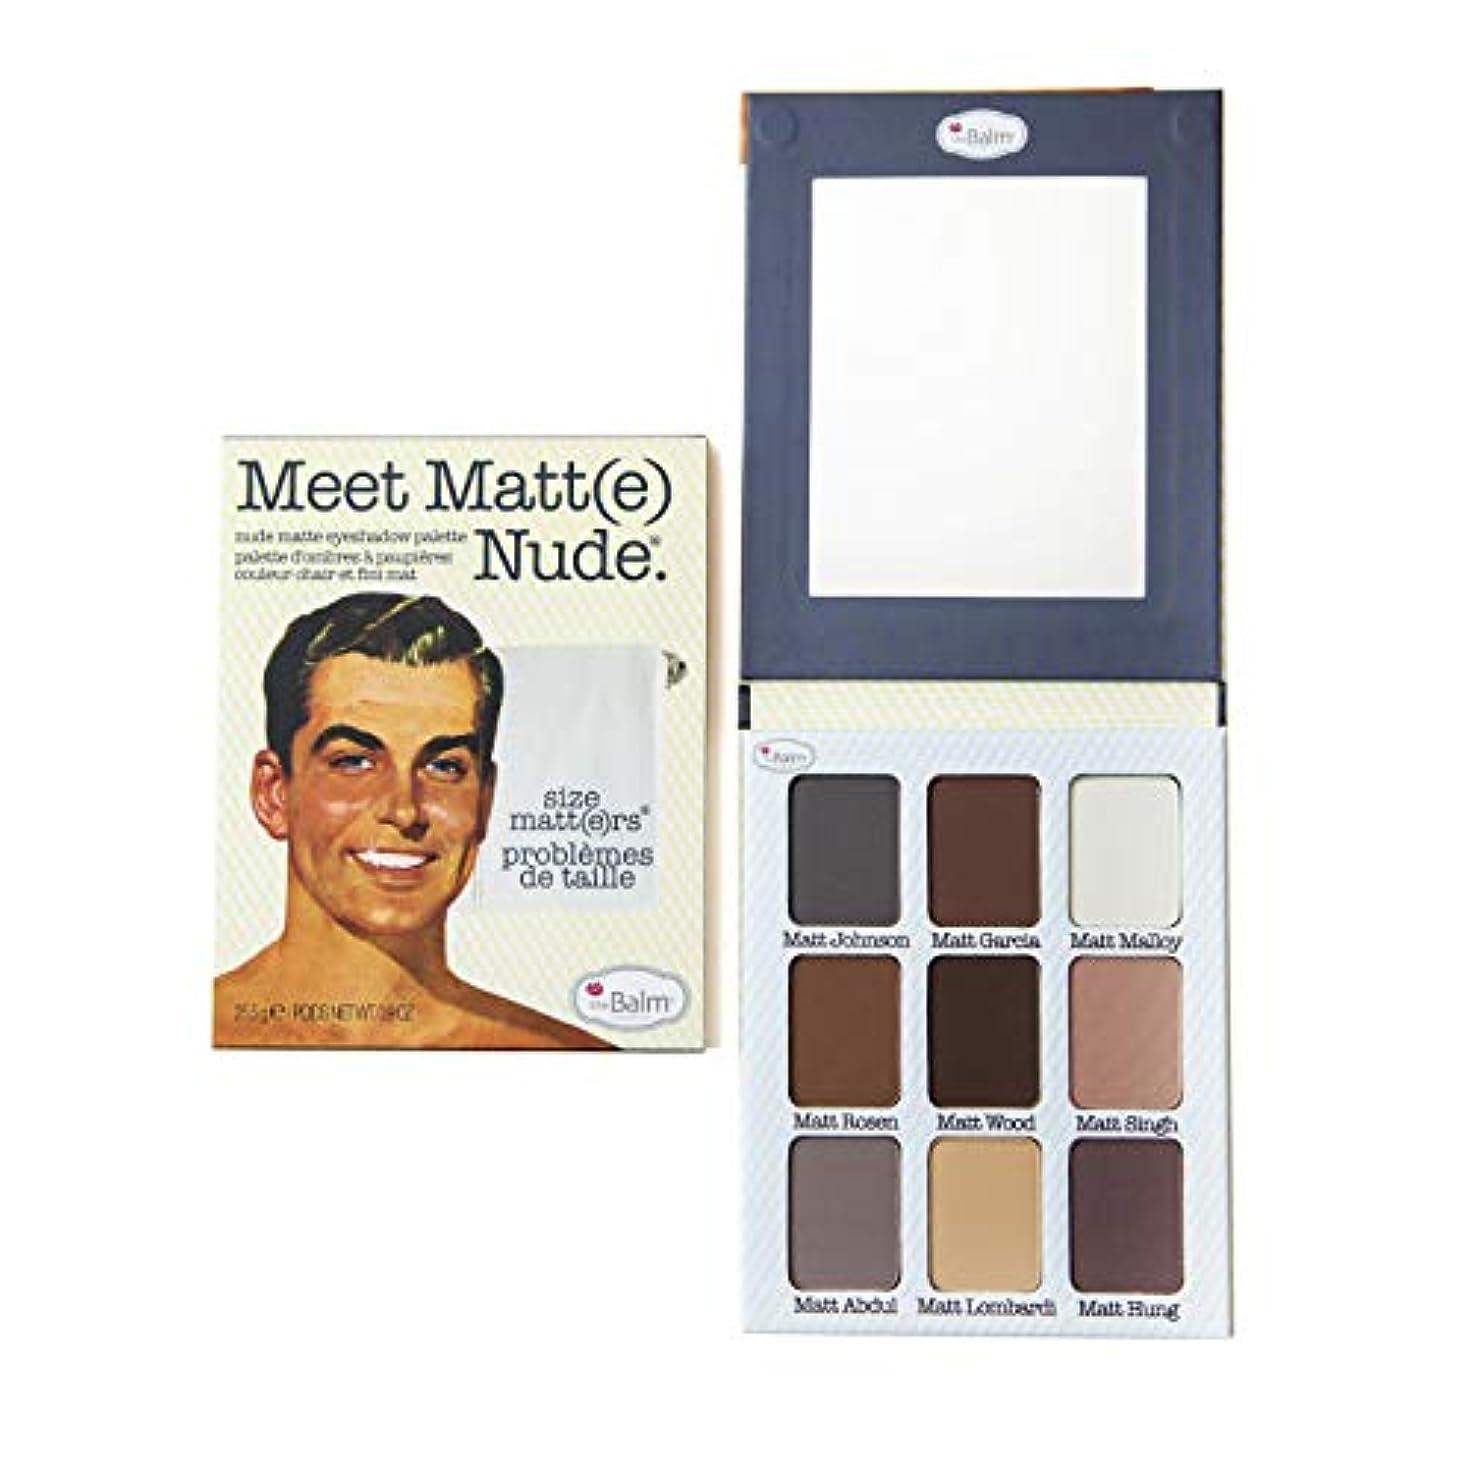 権利を与えるを除くパーフェルビッドThe Balm(ザバーム) Meet Matte Nude - Matte Eyeshadow Palette 25.5g/0.9oz